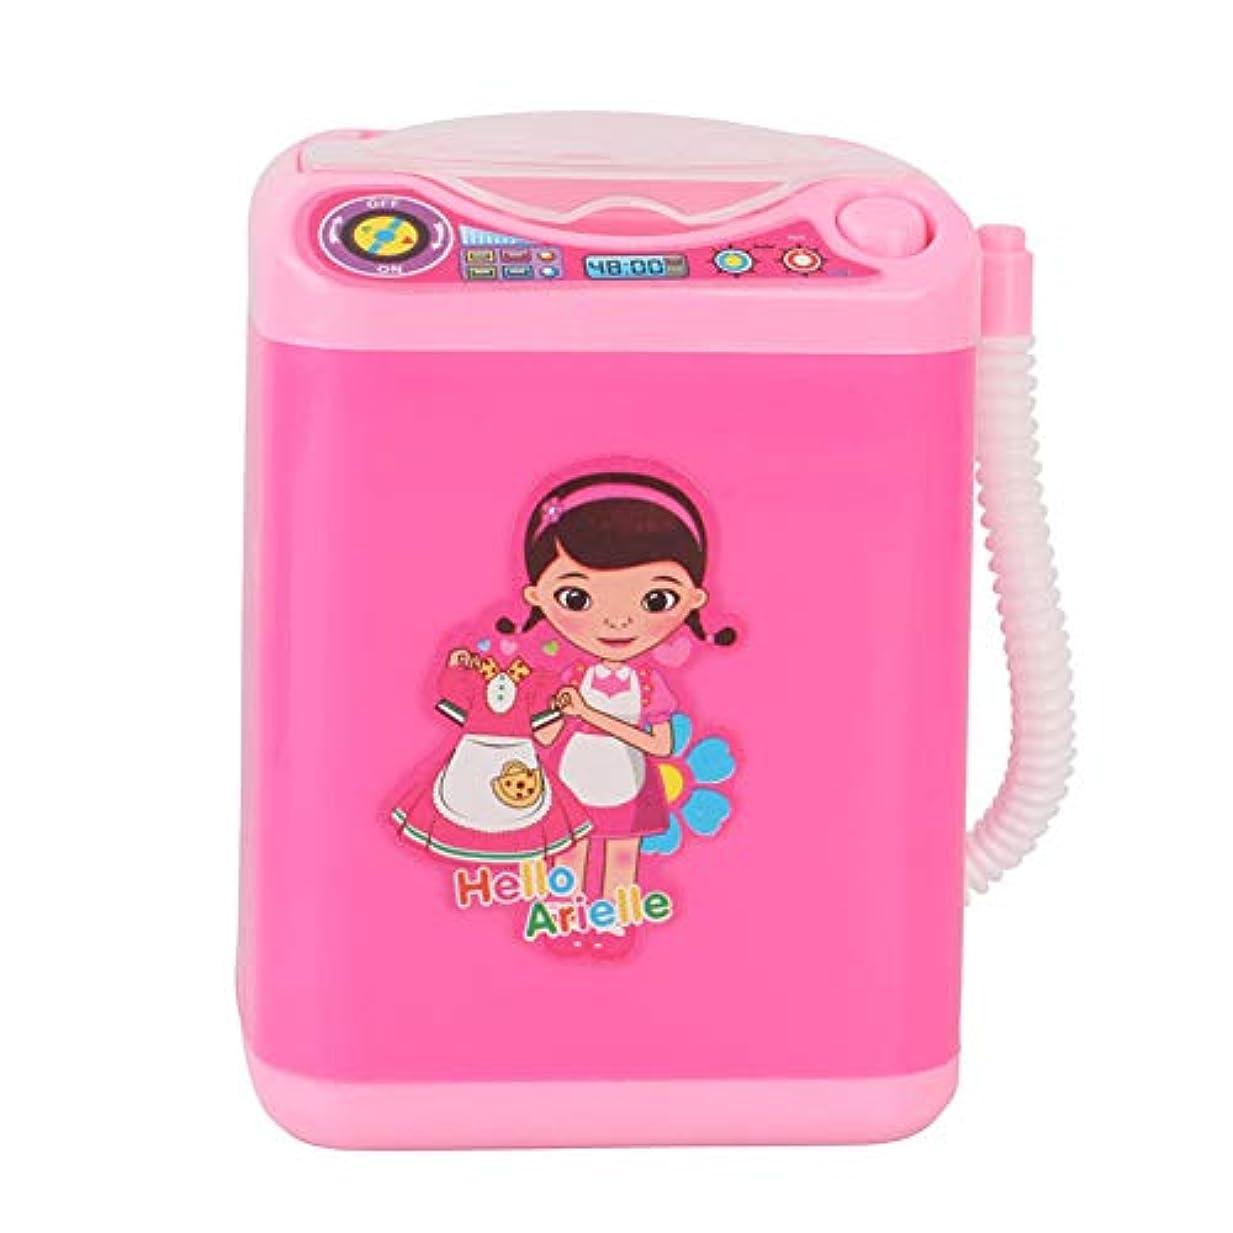 Arvolno 電動メイクブラシクリーナー 化粧ブラシ洗浄器 スポンジ パフ 自動洗浄 電池式 ミニ洗濯機 携帯便利 旅行 DIY 可愛い ピンク 人気 子供のおもちゃとしても大歓迎